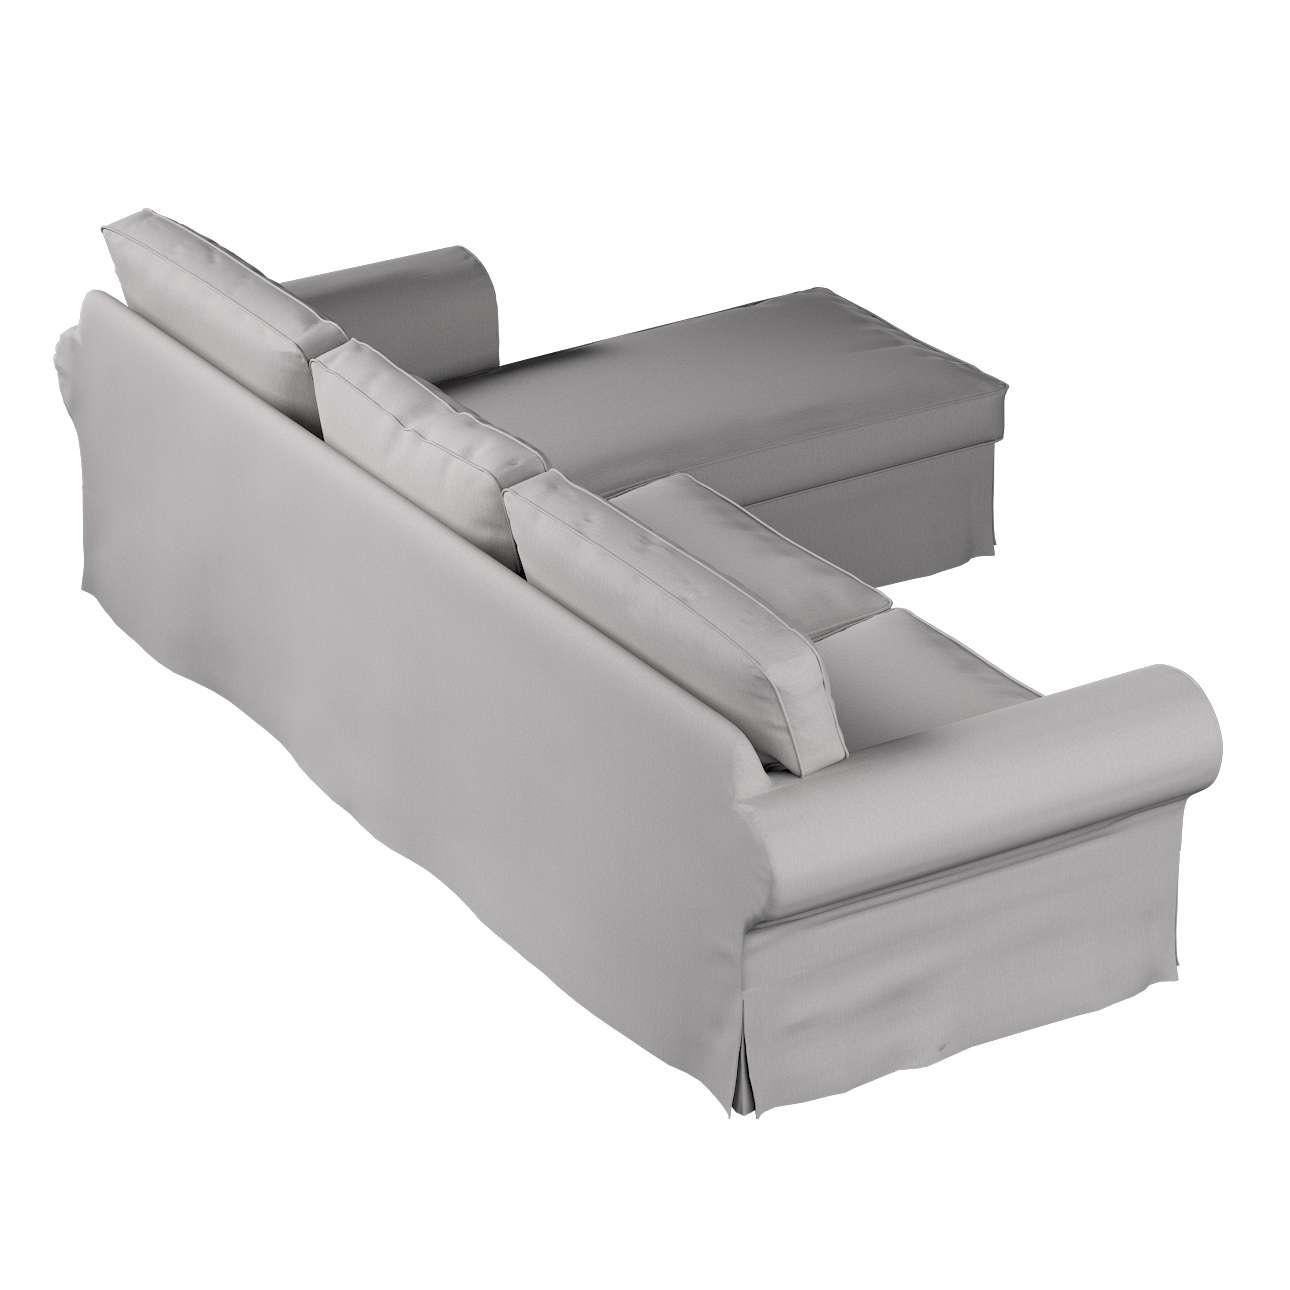 Pokrowiec na sofę Ektorp 2-osobową i leżankę w kolekcji Chenille, tkanina: 702-23